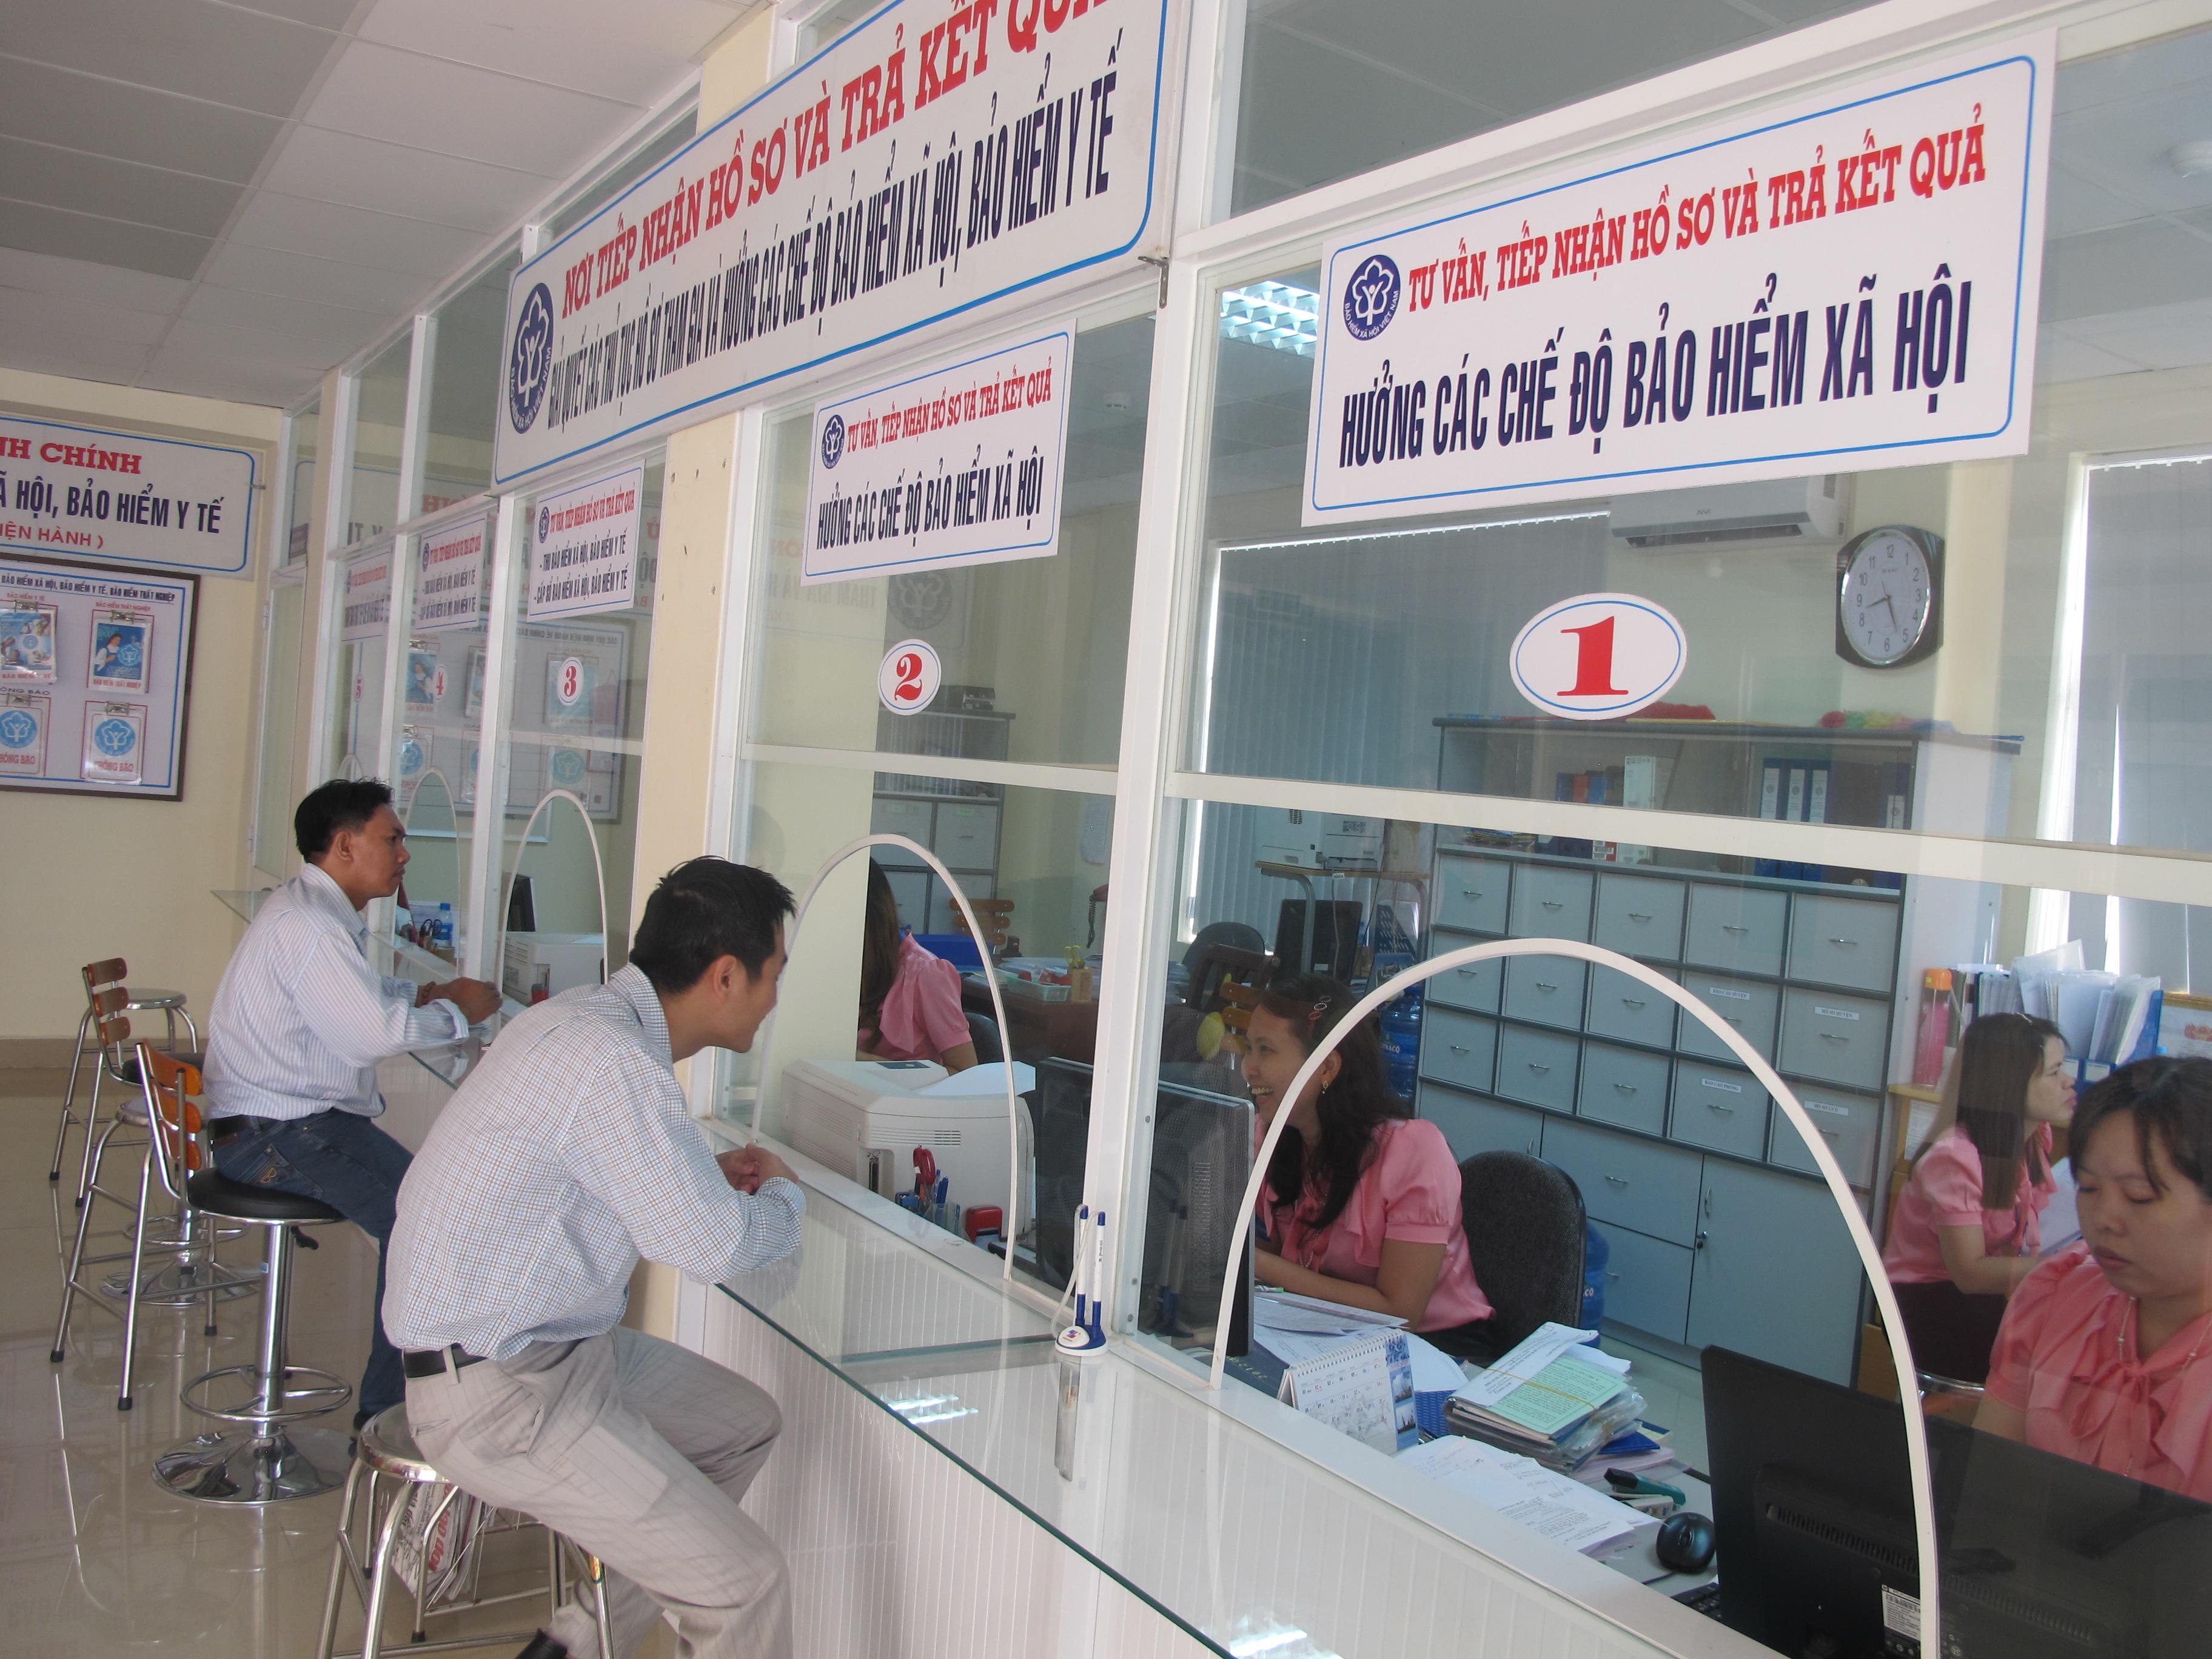 Triển khai Công văn số 3475/BHXH-BT ngày 17/8/2017 của Bảo hiểm xã hội Việt Nam